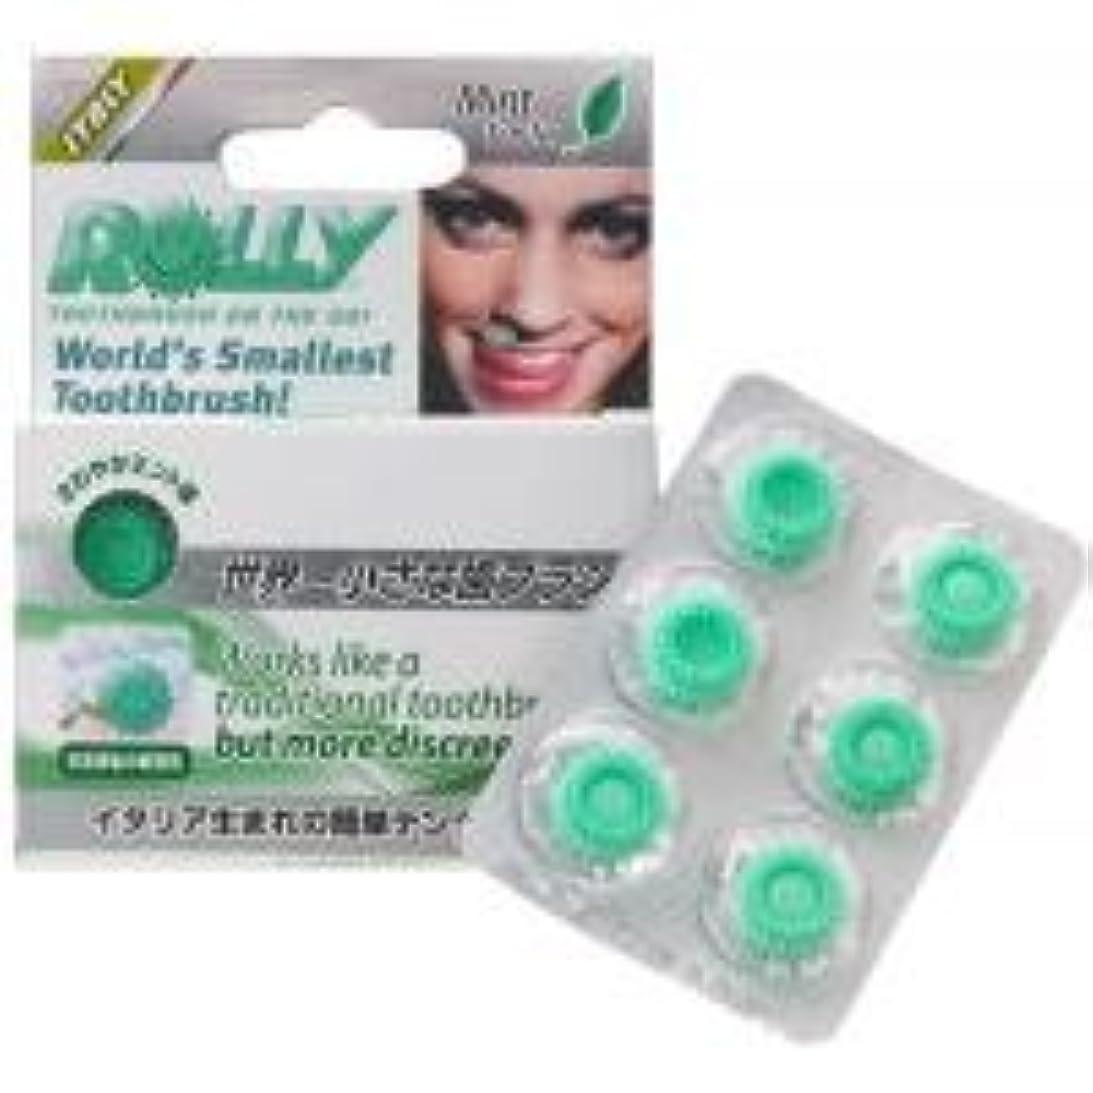 ドリル最小化する広告主ROLLY ブラッシュ 5箱セット